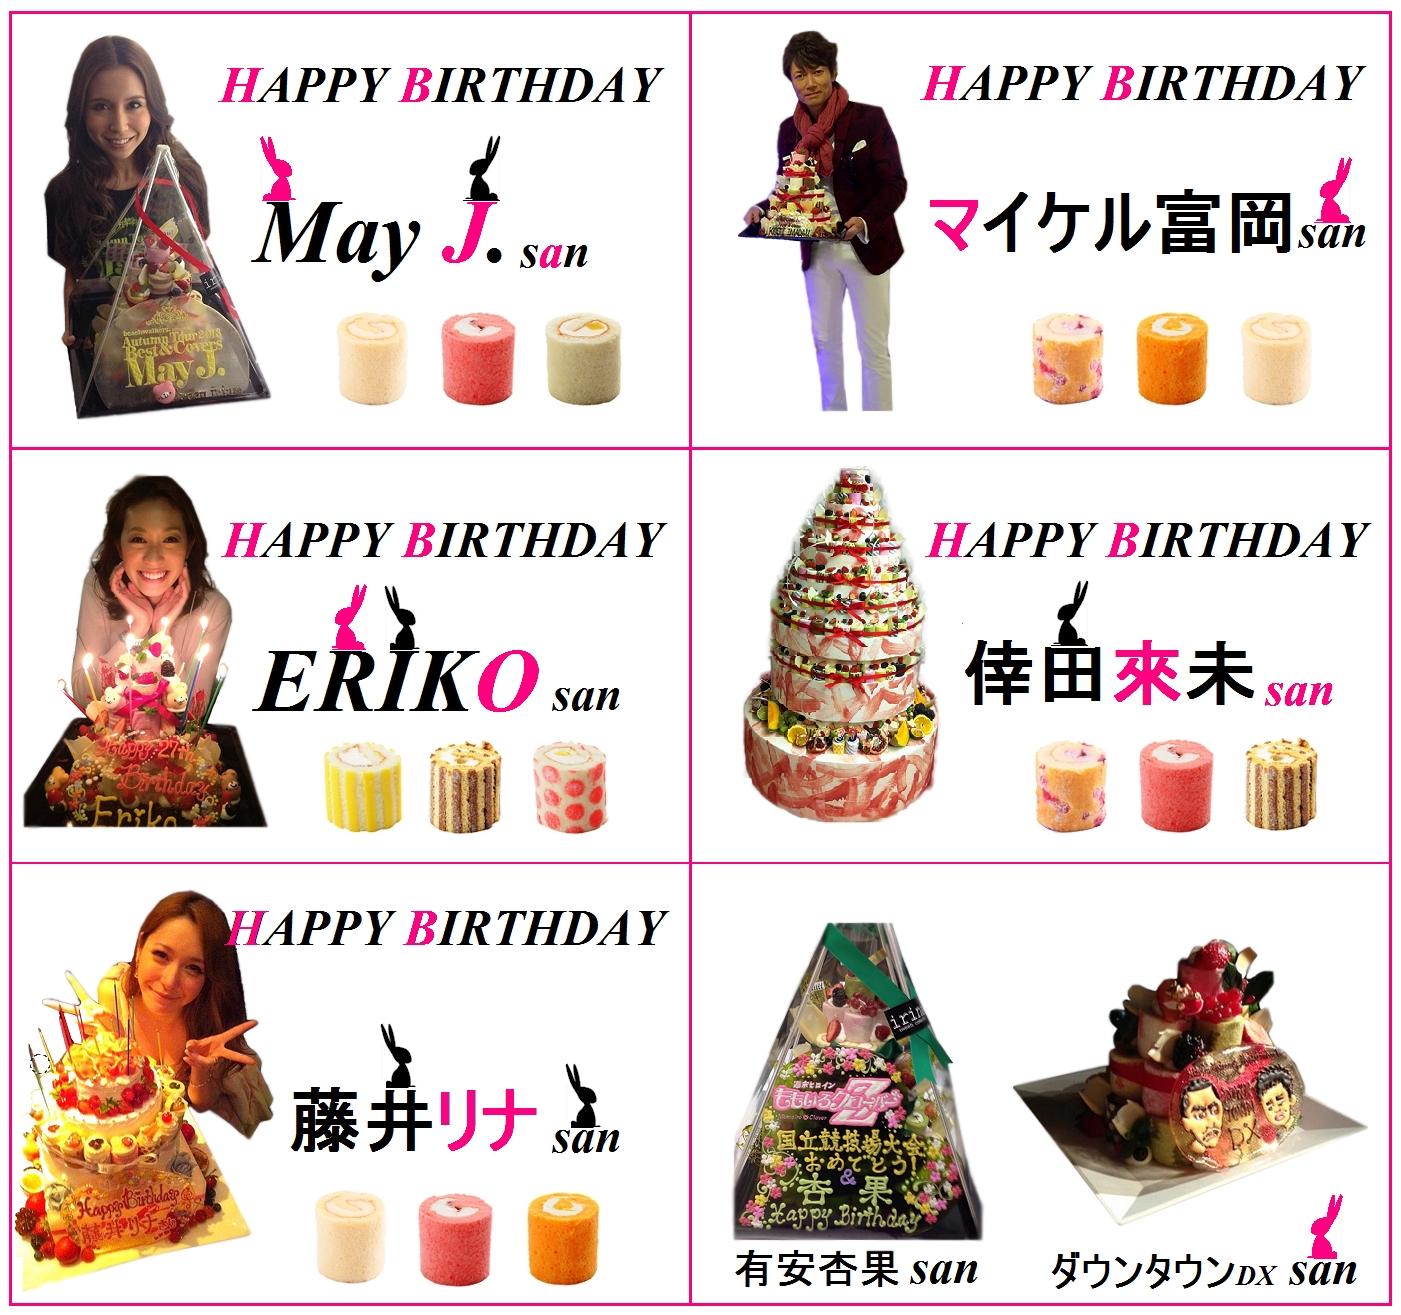 有名人・芸能人も誕生日の時はirinaのロールケーキタワー。倖田來未・浜崎あゆみ・ジョニーデップ娘・ダウンタウデラックス・藤井リナが利用